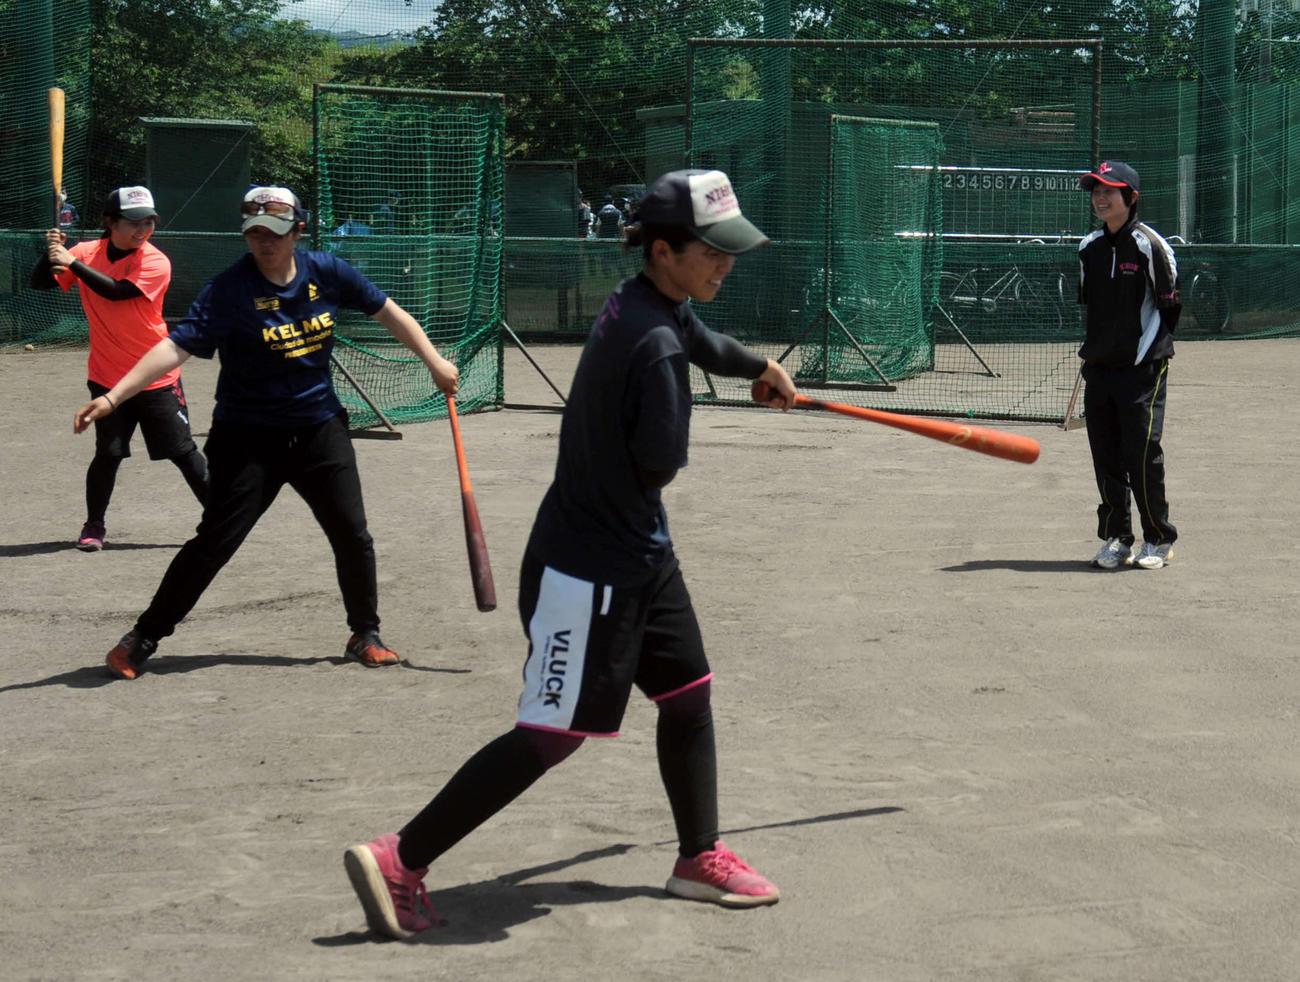 自主練習をする選手たちを見守る坪内監督(右奥)